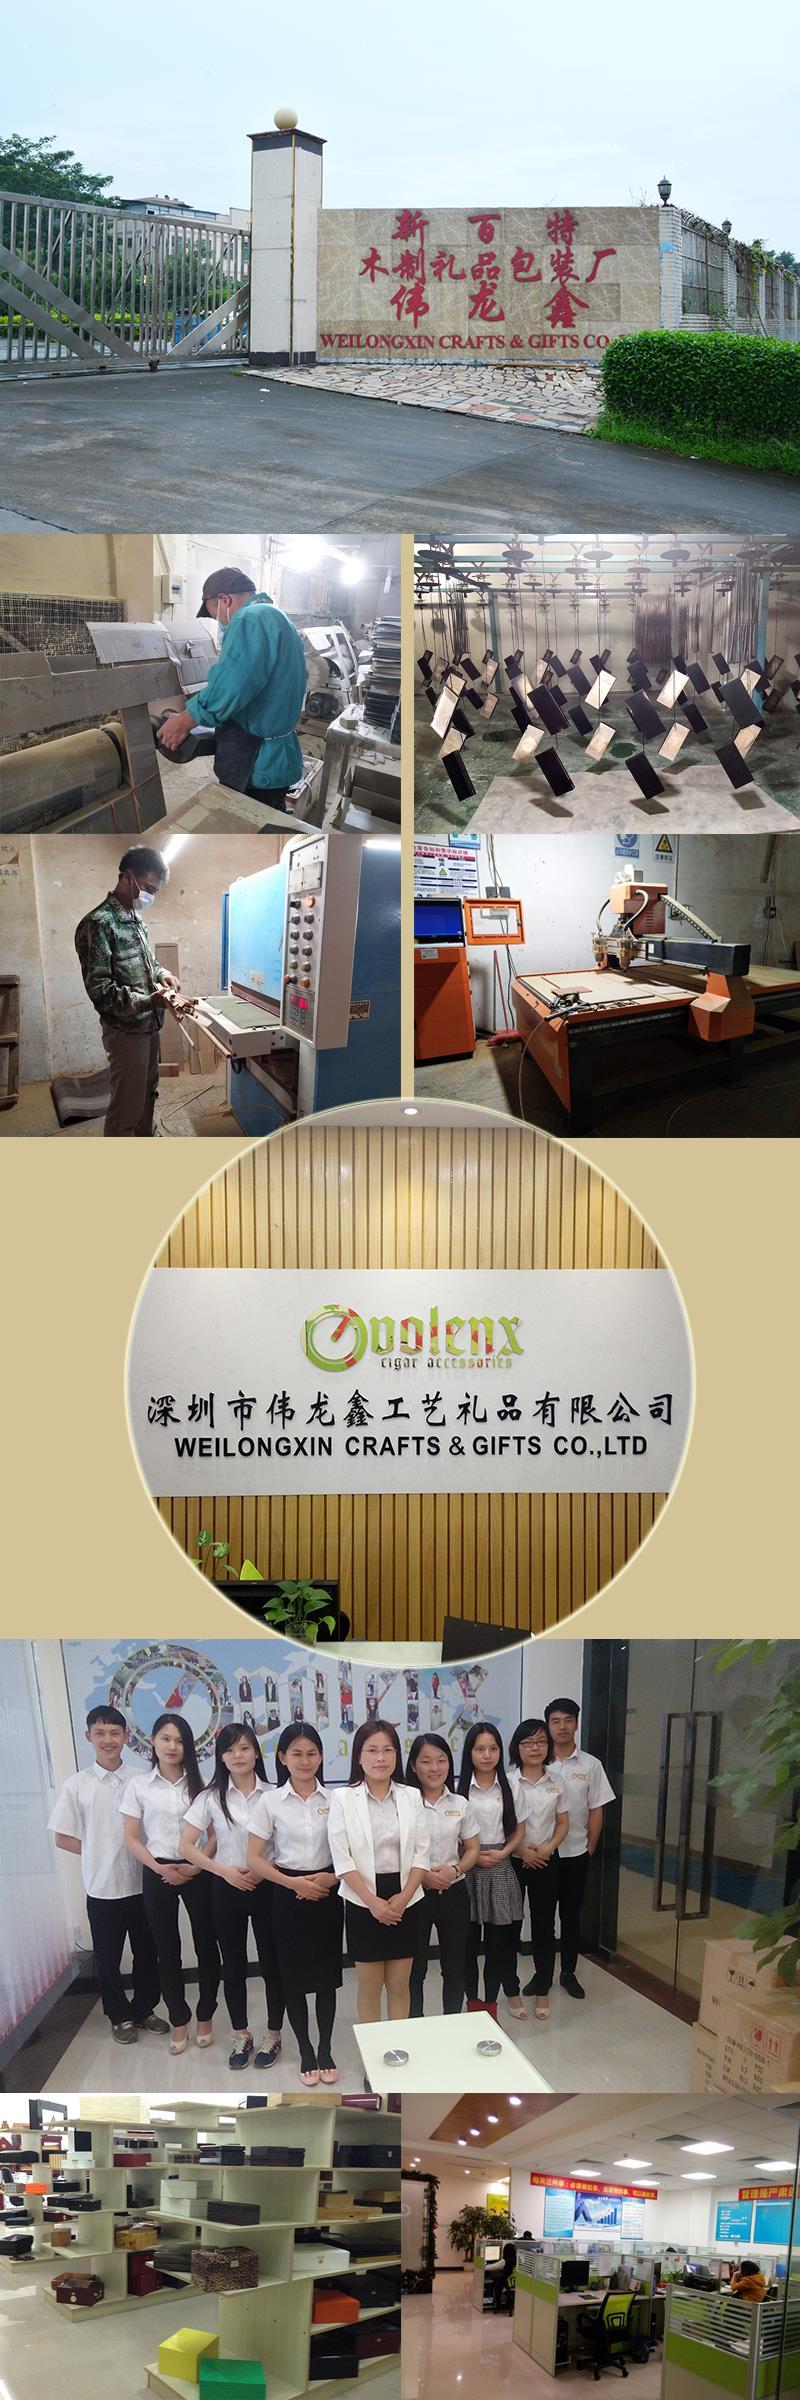 vores fabrik-2